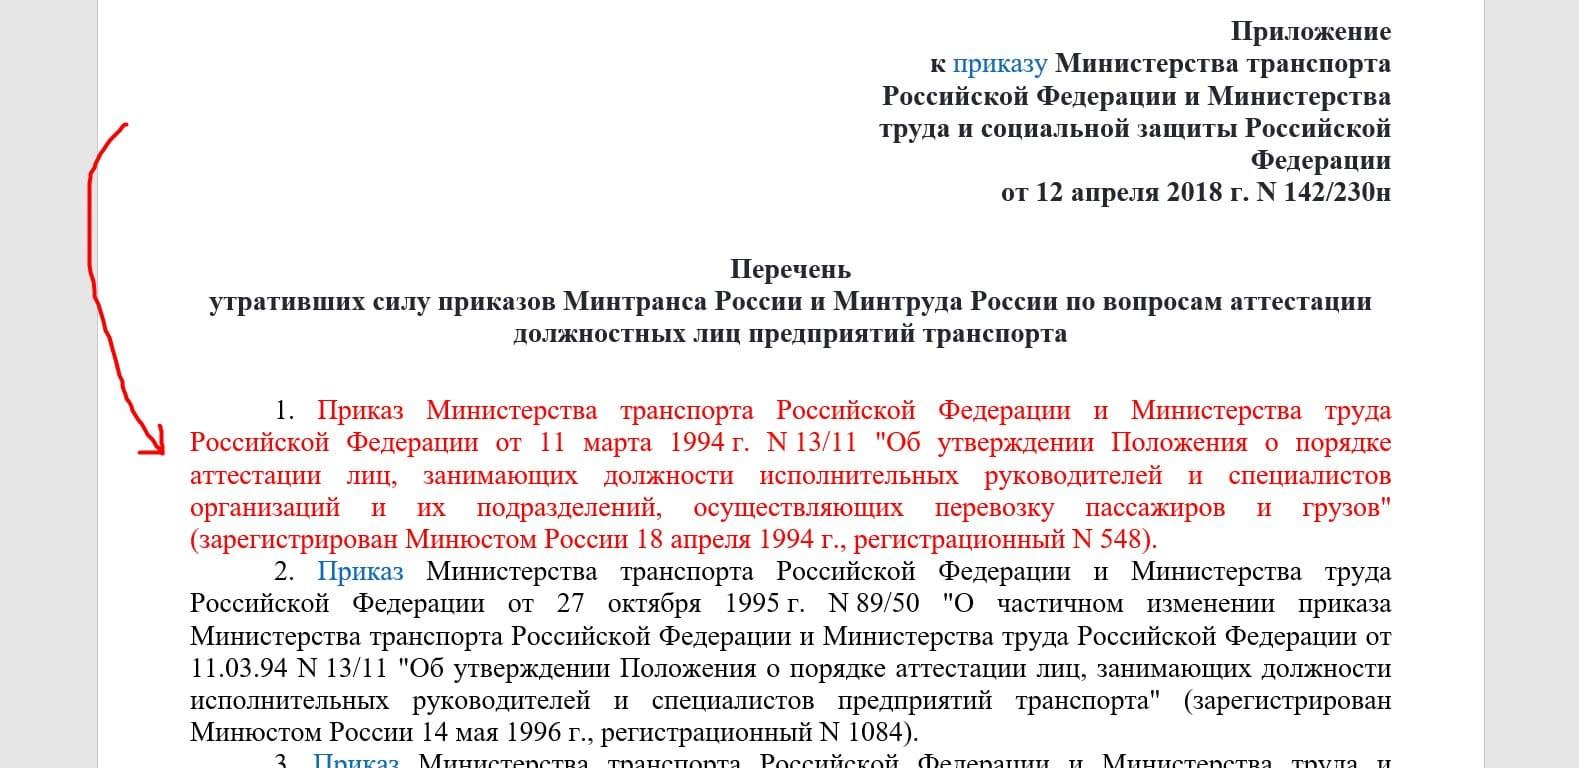 Приказ Минтранса и Минтруда №13/11 утратил силу